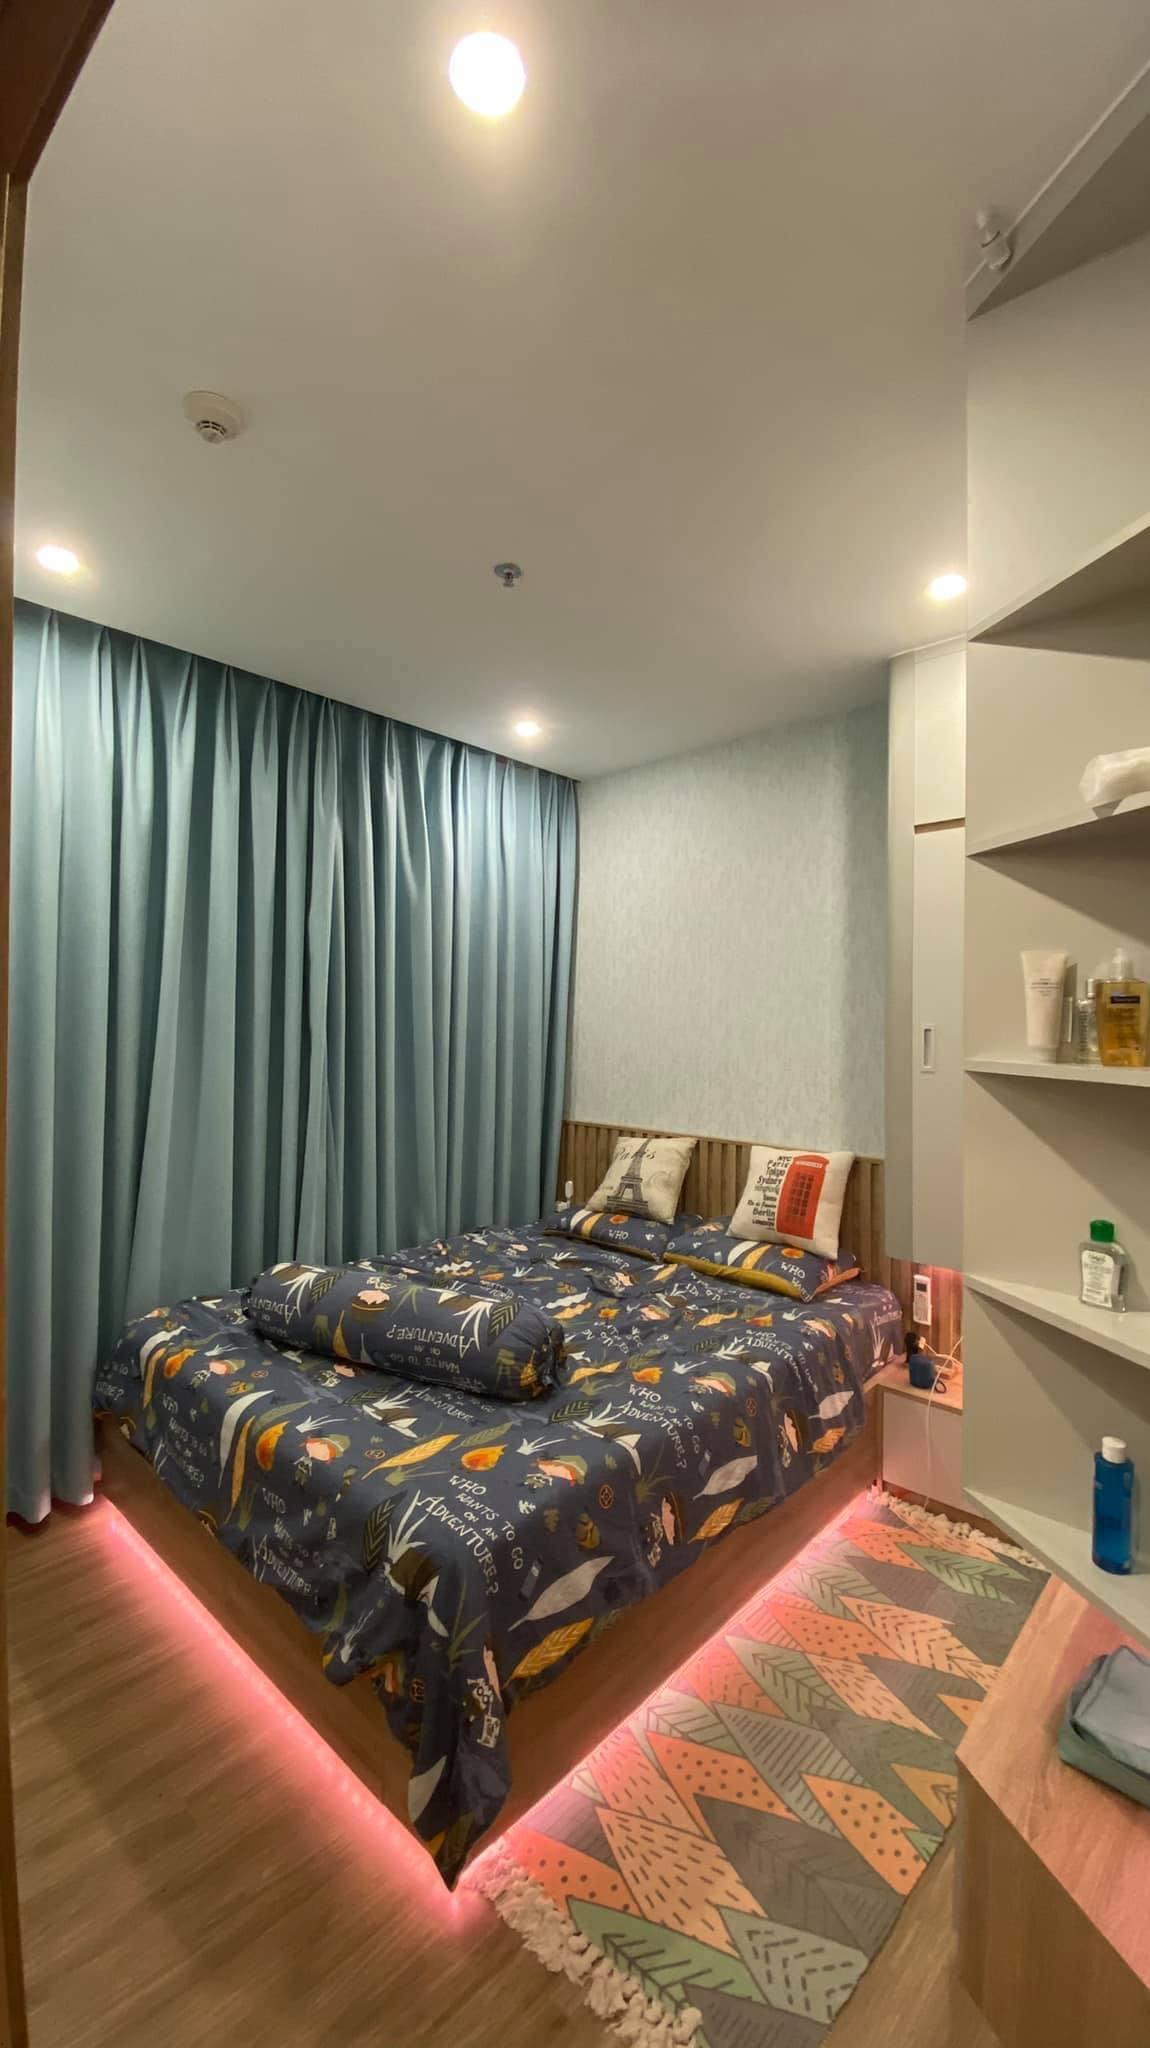 Căn hộ 2 phòng ngủ tầng 19 toà S2.02 Vinhomes Grand Park 8 triệu/tháng 7